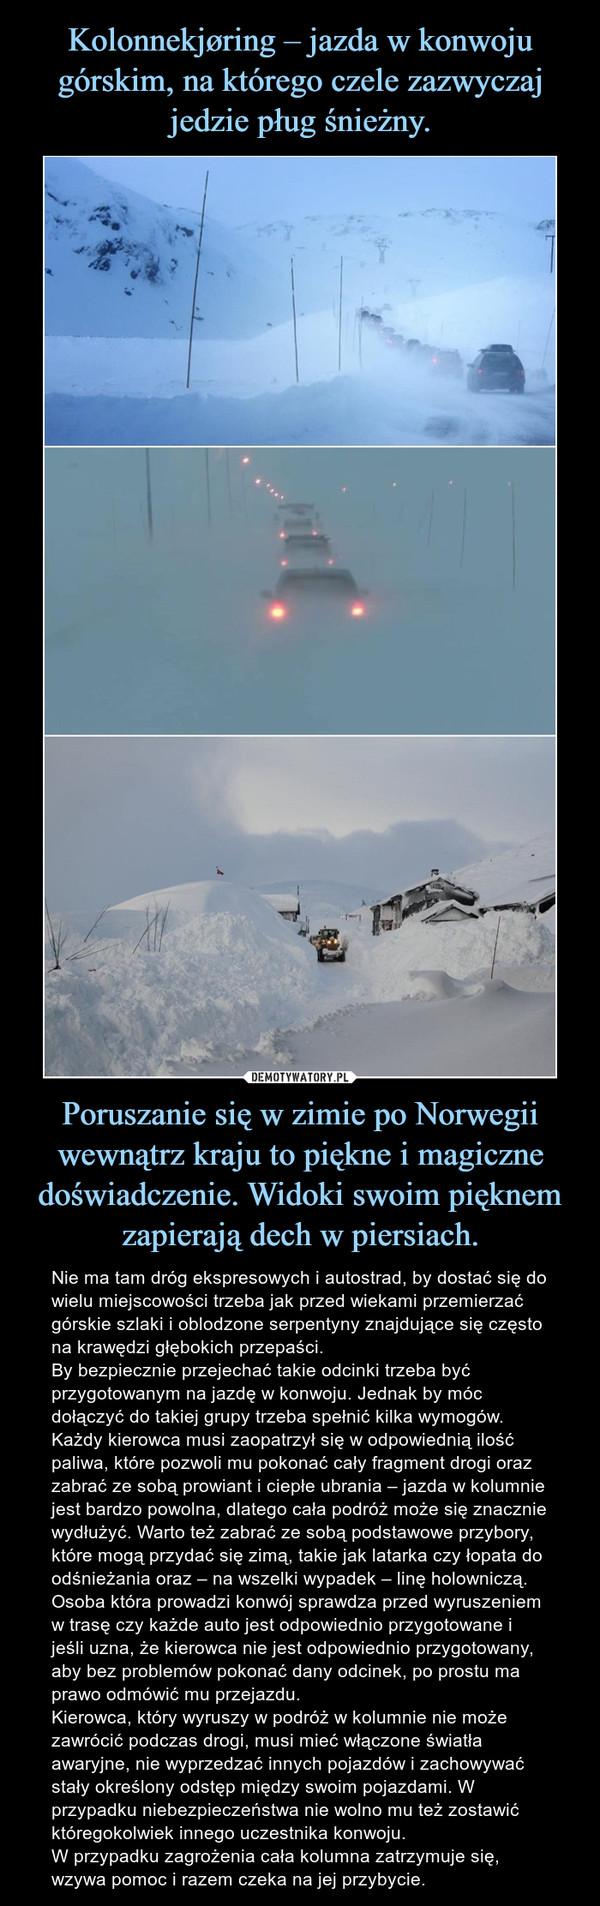 Poruszanie się w zimie po Norwegii wewnątrz kraju to piękne i magiczne doświadczenie. Widoki swoim pięknem zapierają dech w piersiach. – Nie ma tam dróg ekspresowych i autostrad, by dostać się do wielu miejscowości trzeba jak przed wiekami przemierzać górskie szlaki i oblodzone serpentyny znajdujące się często na krawędzi głębokich przepaści. By bezpiecznie przejechać takie odcinki trzeba być przygotowanym na jazdę w konwoju. Jednak by móc dołączyć do takiej grupy trzeba spełnić kilka wymogów.Każdy kierowca musi zaopatrzył się w odpowiednią ilość paliwa, które pozwoli mu pokonać cały fragment drogi oraz zabrać ze sobą prowiant i ciepłe ubrania – jazda w kolumnie jest bardzo powolna, dlatego cała podróż może się znacznie wydłużyć. Warto też zabrać ze sobą podstawowe przybory, które mogą przydać się zimą, takie jak latarka czy łopata do odśnieżania oraz – na wszelki wypadek – linę holowniczą.Osoba która prowadzi konwój sprawdza przed wyruszeniem w trasę czy każde auto jest odpowiednio przygotowane i jeśli uzna, że kierowca nie jest odpowiednio przygotowany, aby bez problemów pokonać dany odcinek, po prostu ma prawo odmówić mu przejazdu.Kierowca, który wyruszy w podróż w kolumnie nie może zawrócić podczas drogi, musi mieć włączone światła awaryjne, nie wyprzedzać innych pojazdów i zachowywać stały określony odstęp między swoim pojazdami. W przypadku niebezpieczeństwa nie wolno mu też zostawić któregokolwiek innego uczestnika konwoju.W przypadku zagrożenia cała kolumna zatrzymuje się, wzywa pomoc i razem czeka na jej przybycie.